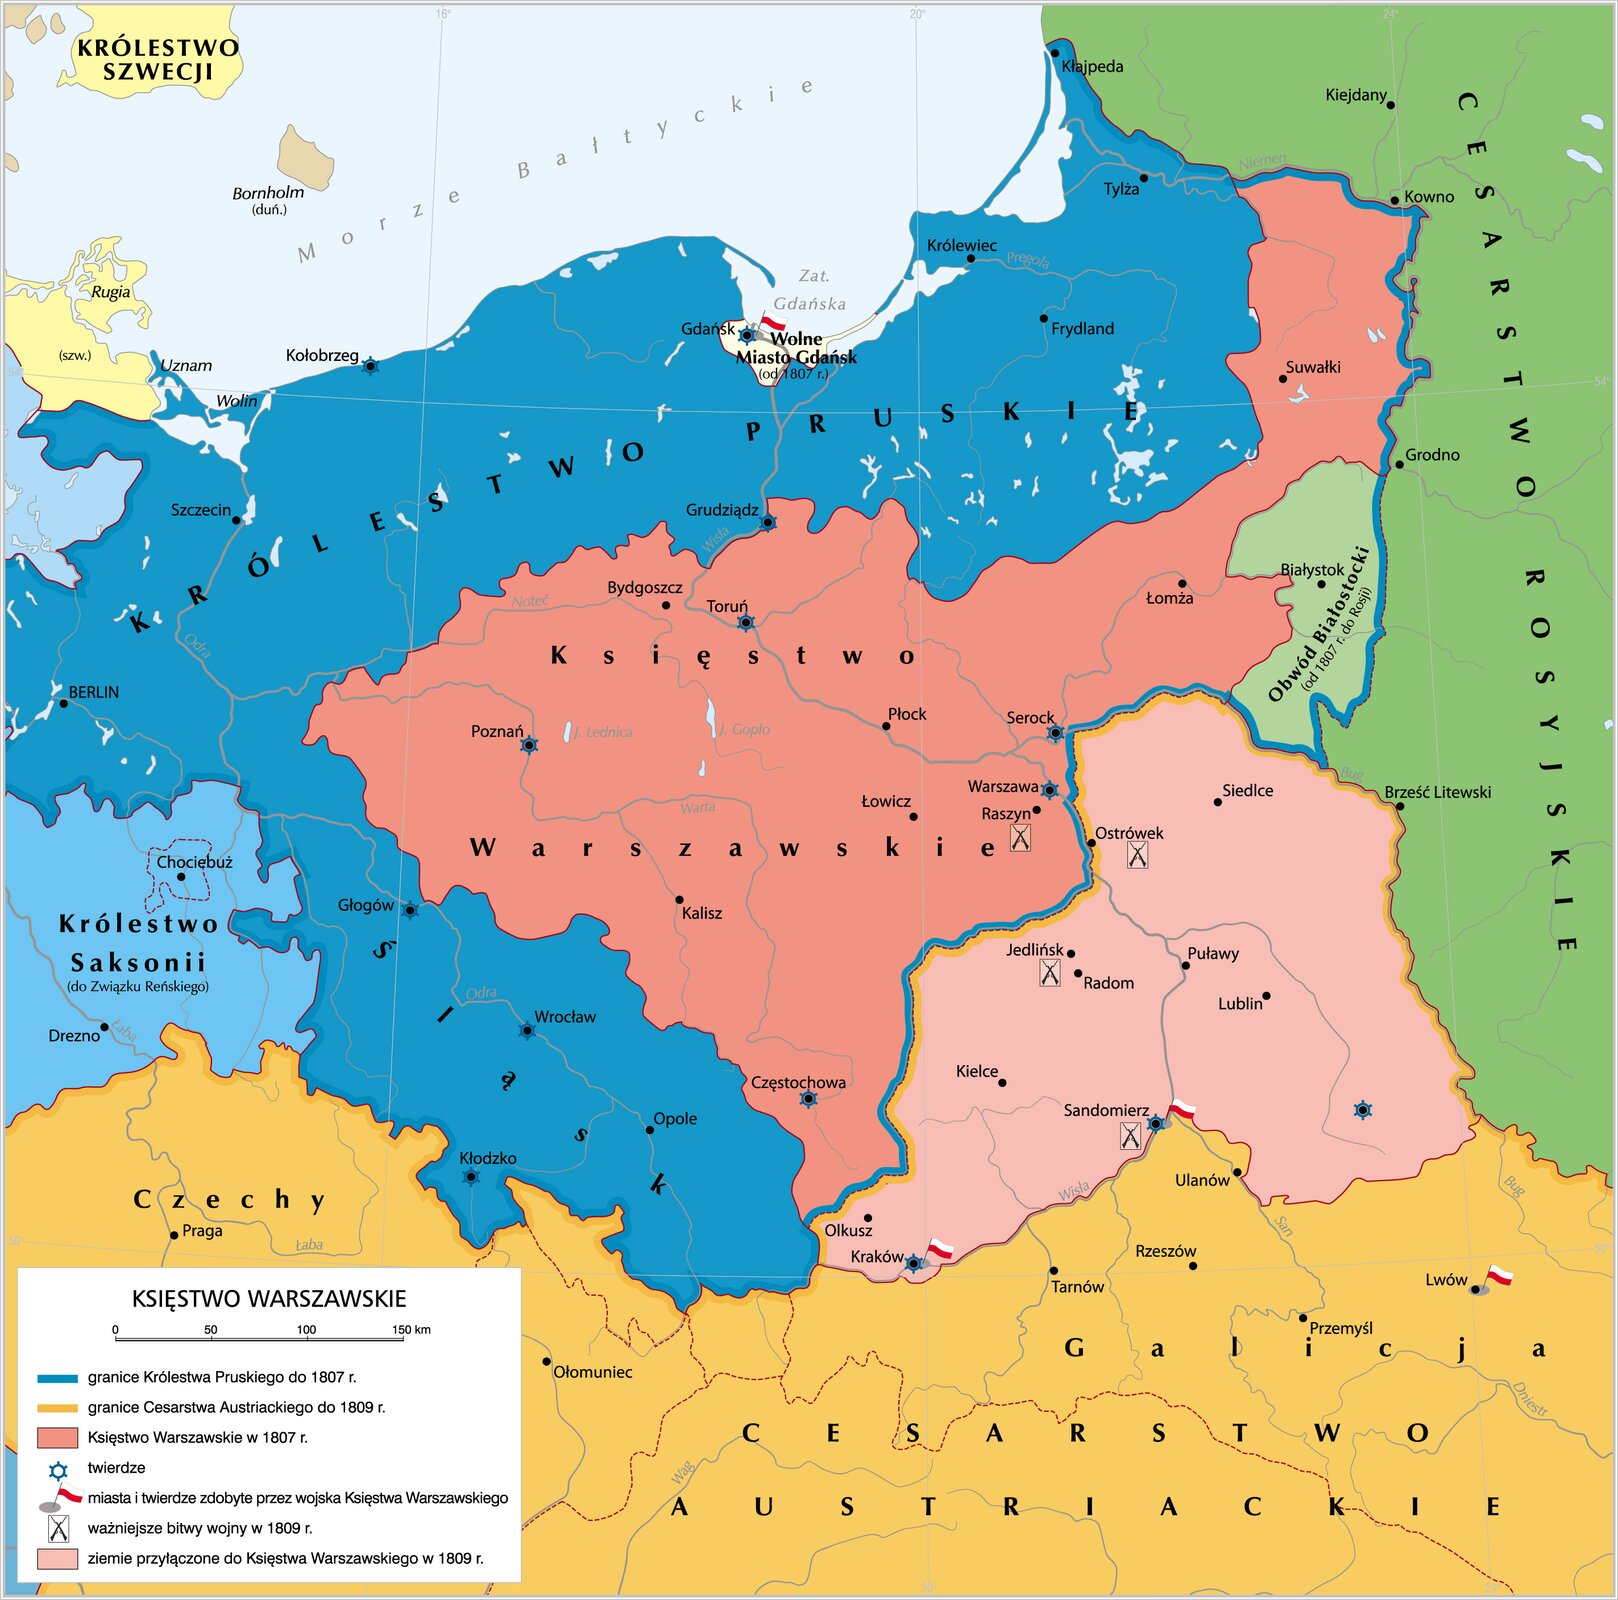 Mapa Księstwo Warszawskie Źródło: Krystian Chariza izespół, licencja: CC BY 3.0.